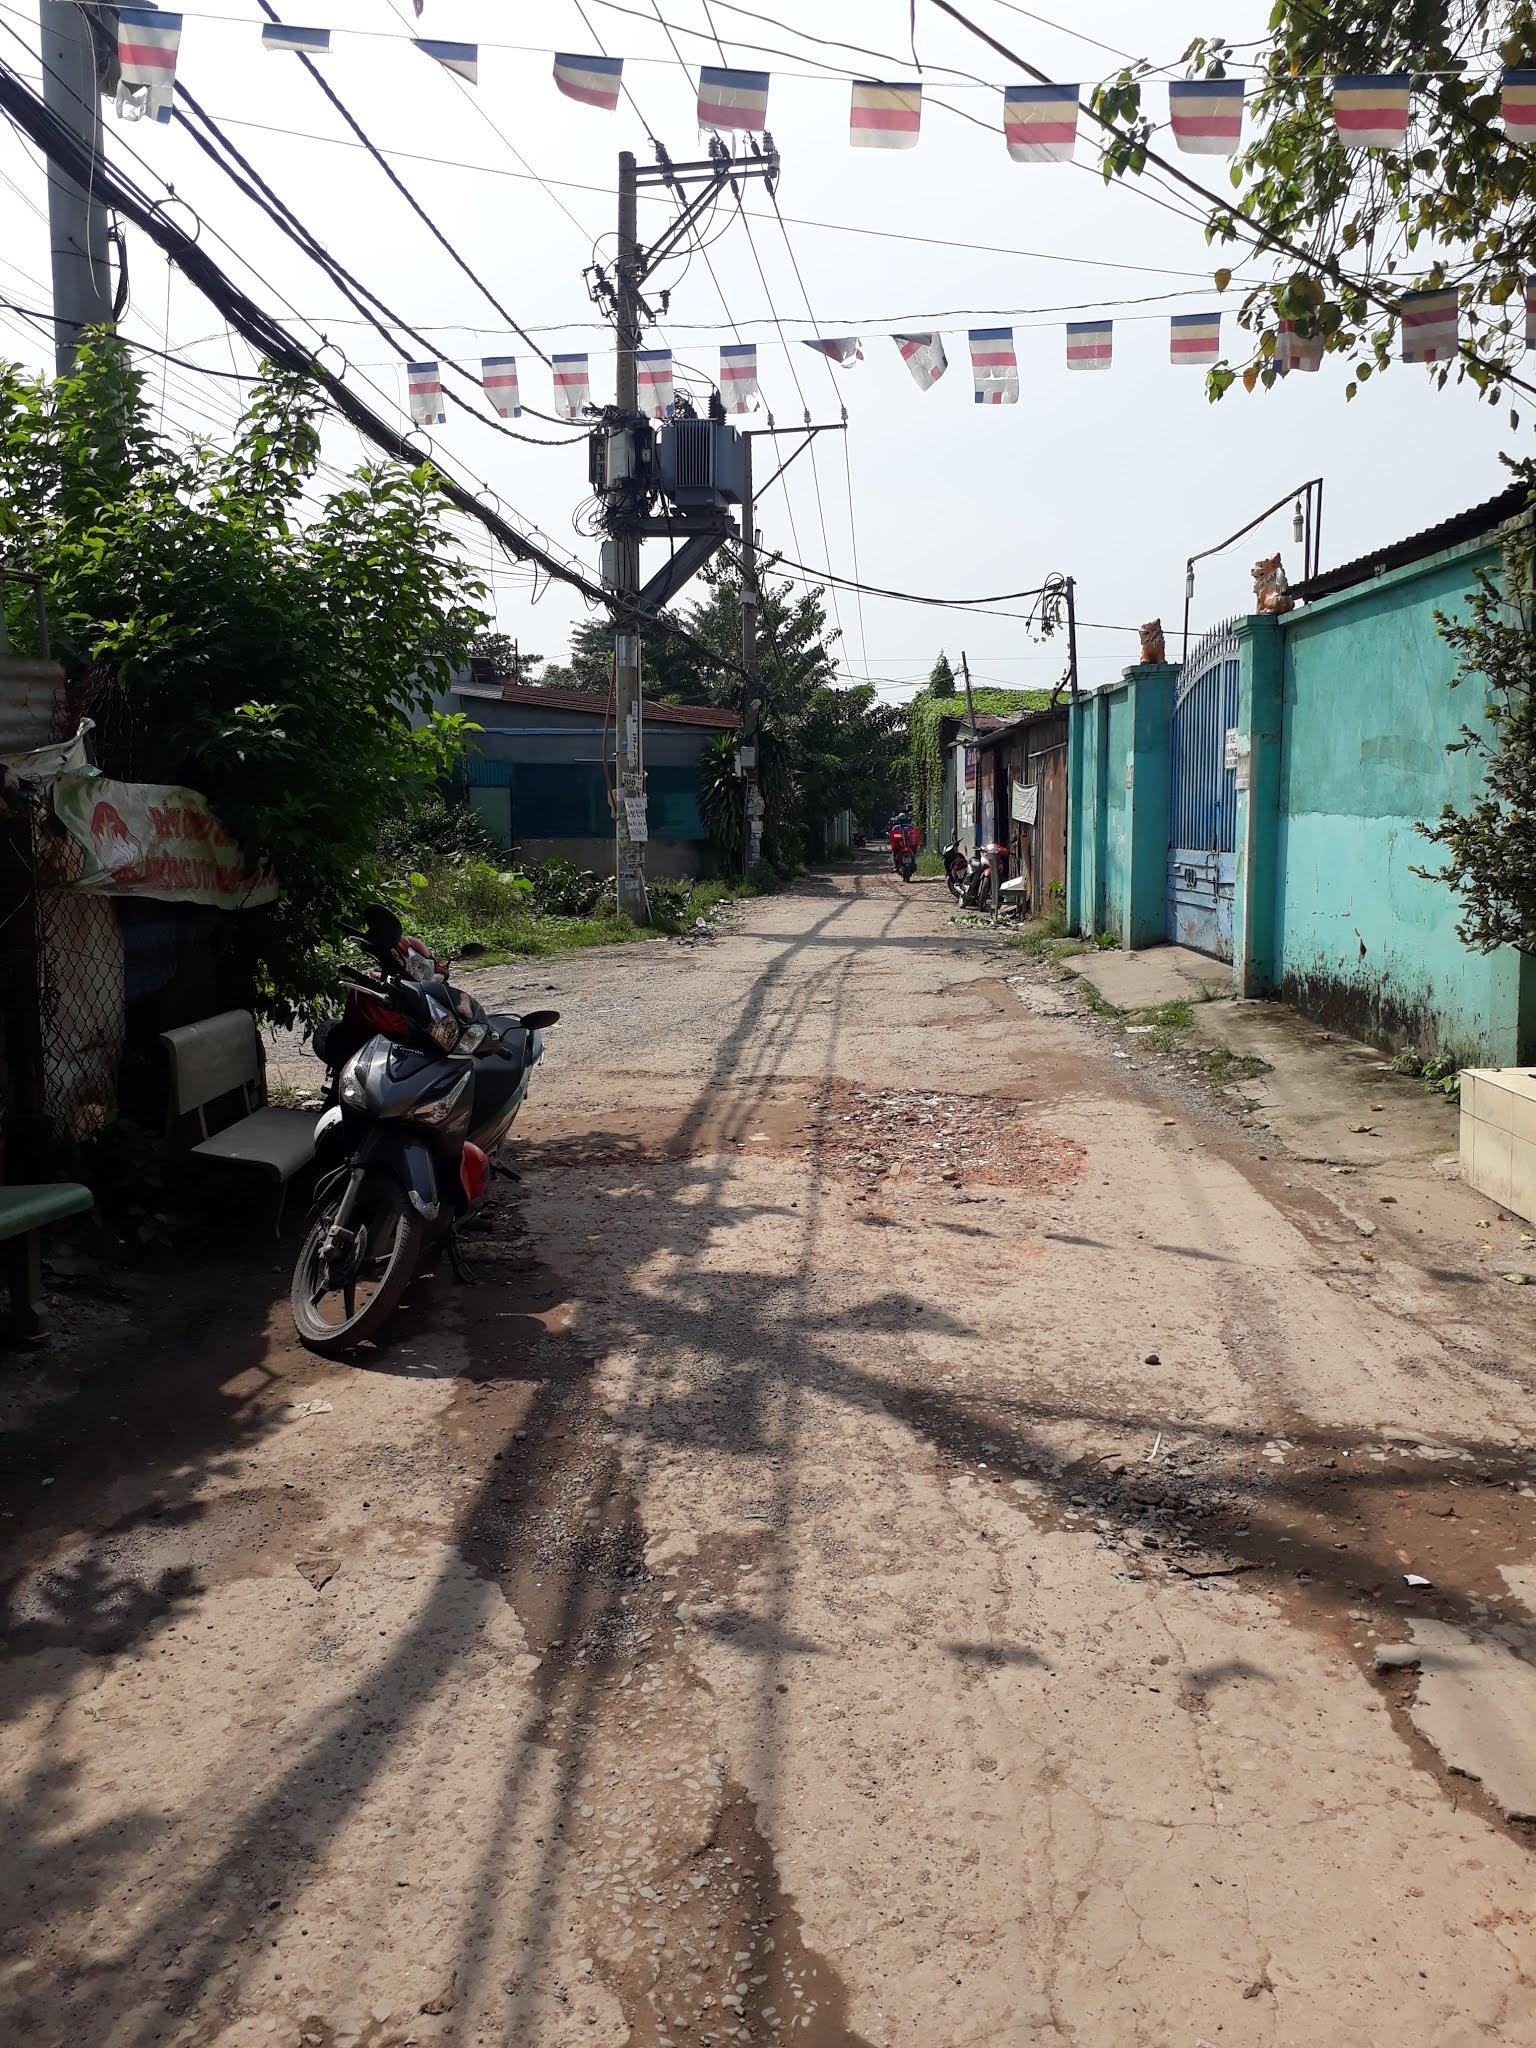 Bán 2 căn nhà Ấp 1 xã Bình Hưng huyện Bình Chánh giá rẻ